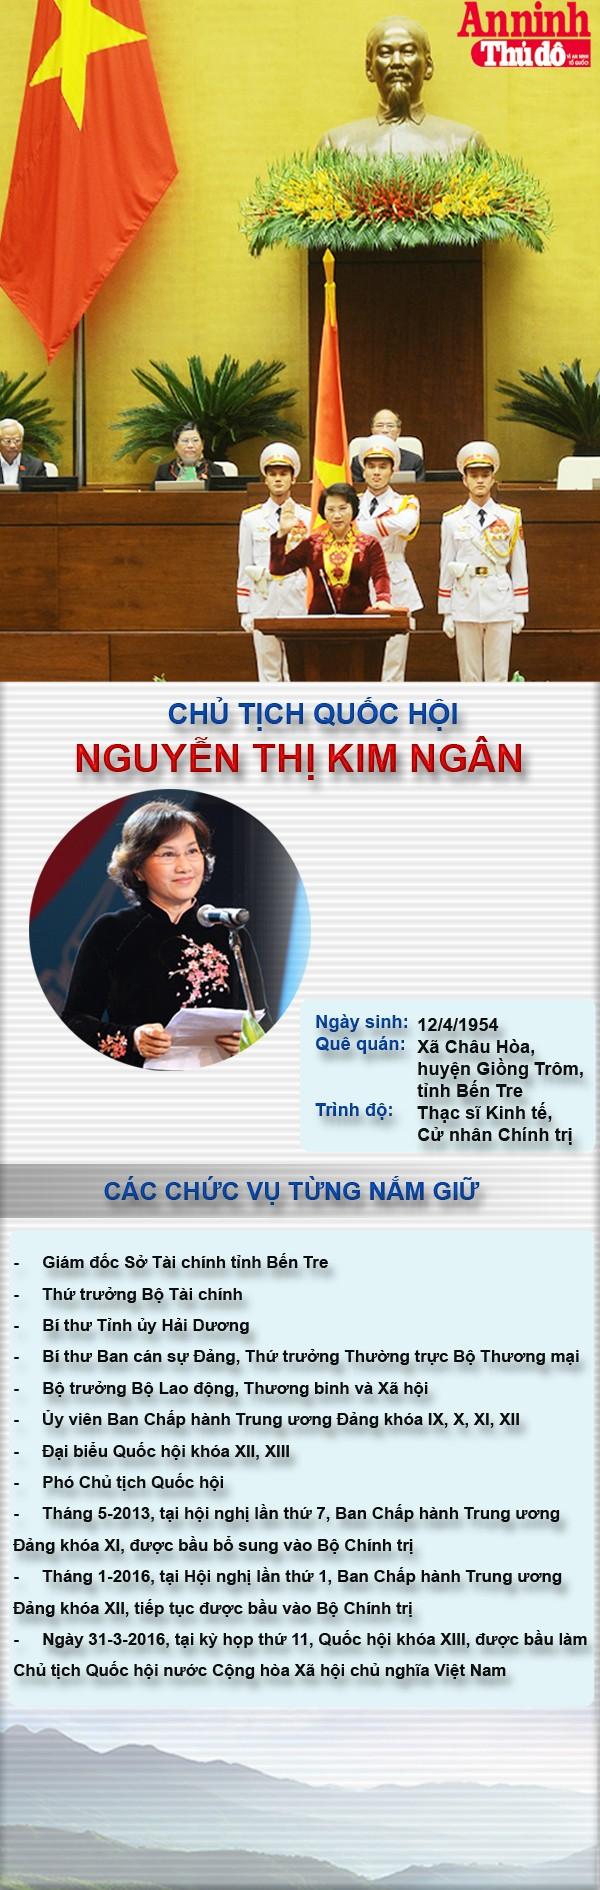 [Infographic] Bà Nguyễn Thị Kim Ngân - nữ Chủ tịch Quốc hội đầu tiên của Việt Nam ảnh 1